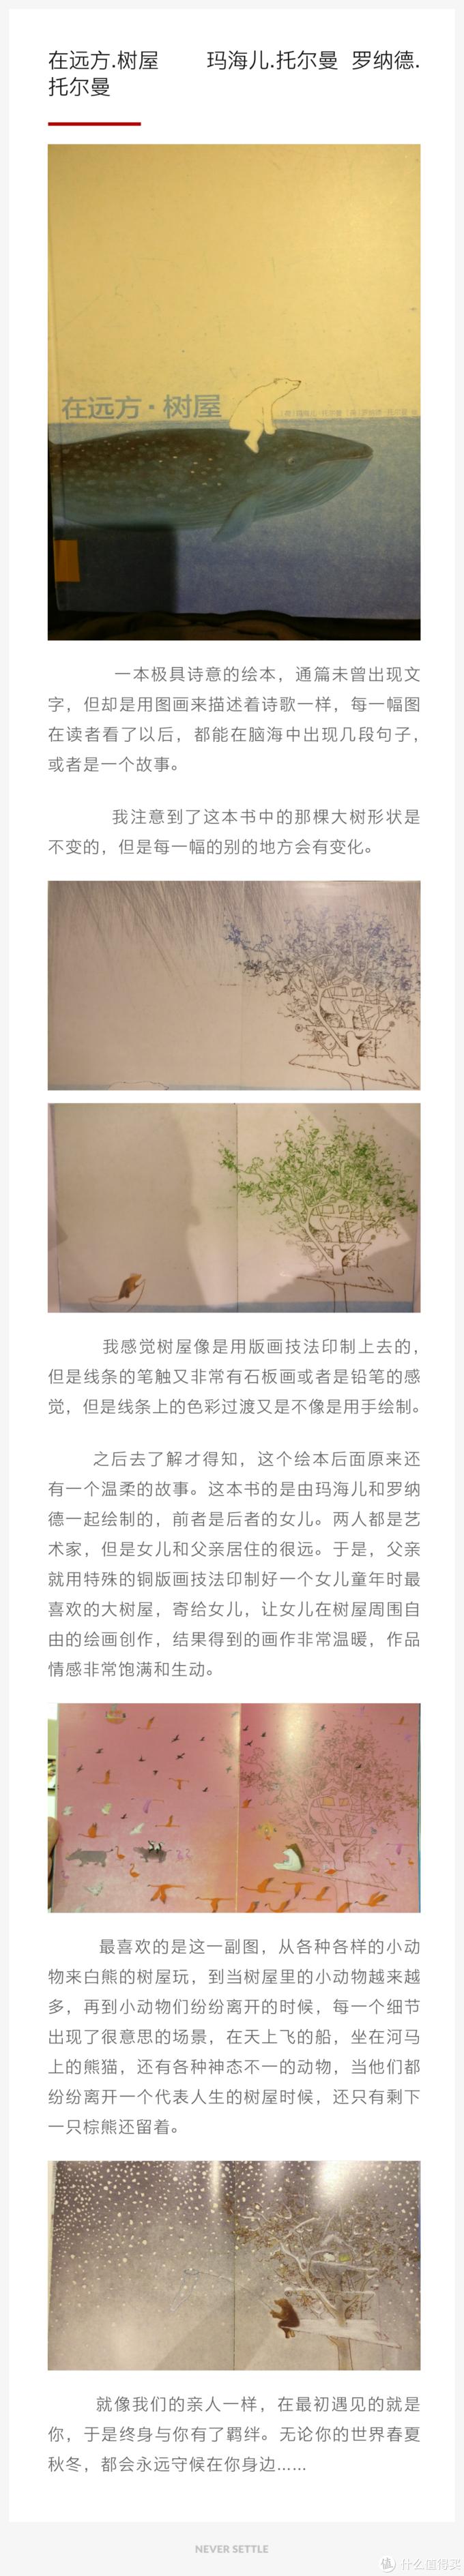 绘本该怎么读?什么是好绘本,垃圾绘本?(附个人绘本赏析与日本绘本之父推荐的50本绘本)